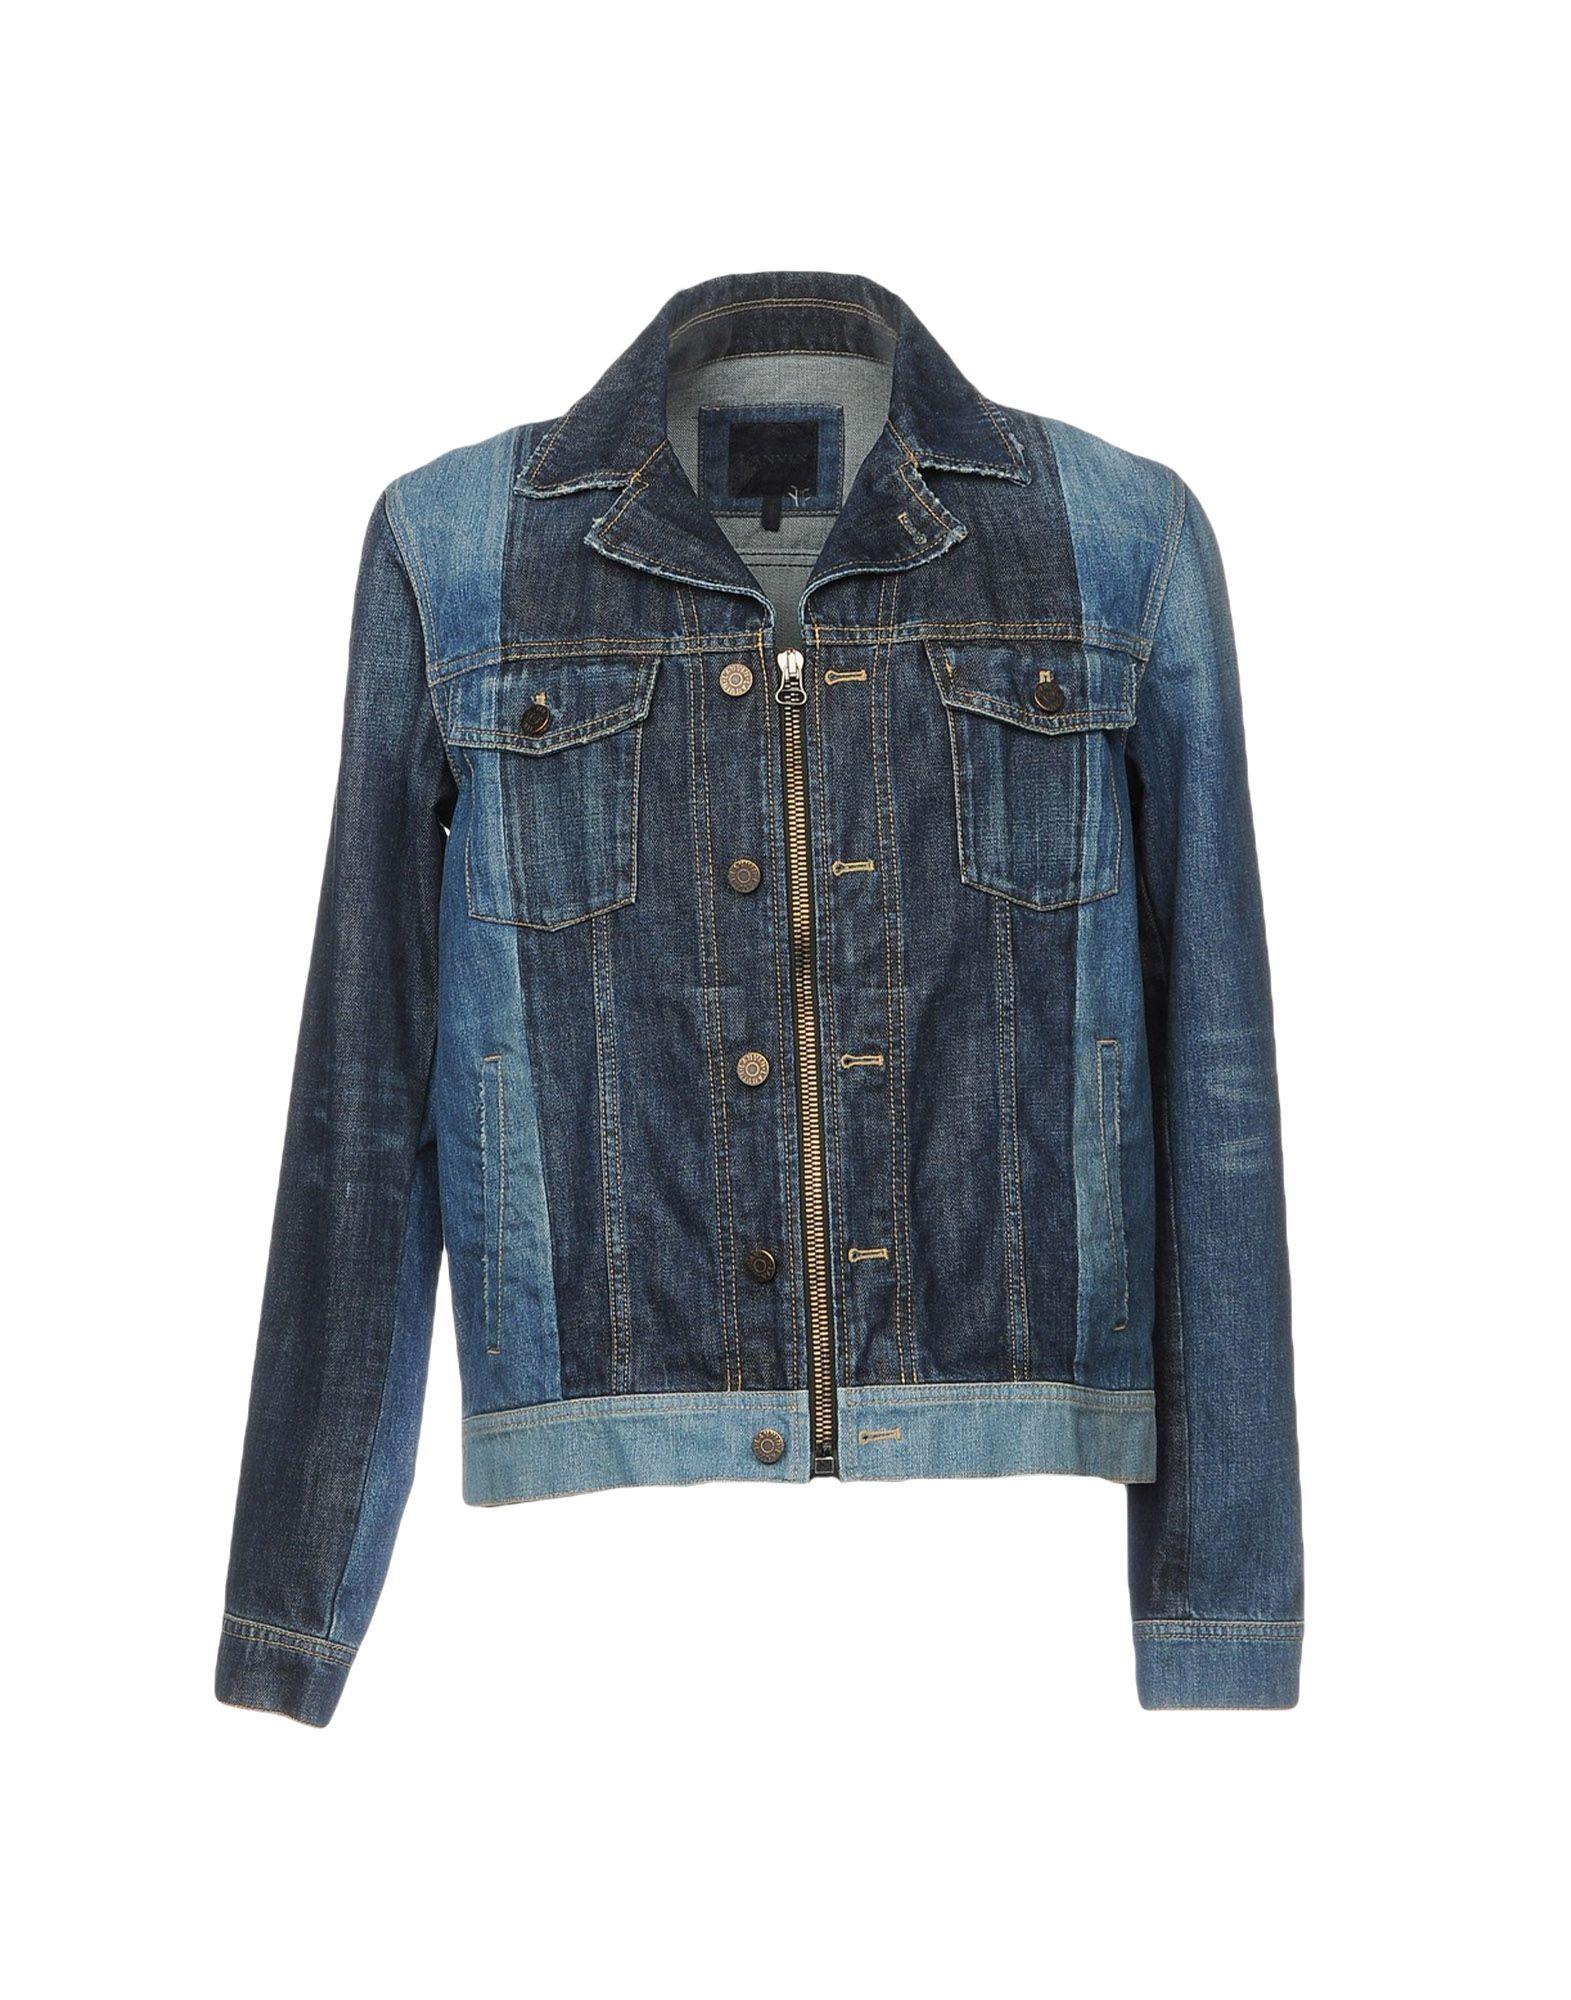 LANVIN Джинсовая верхняя одежда reiko джинсовая верхняя одежда